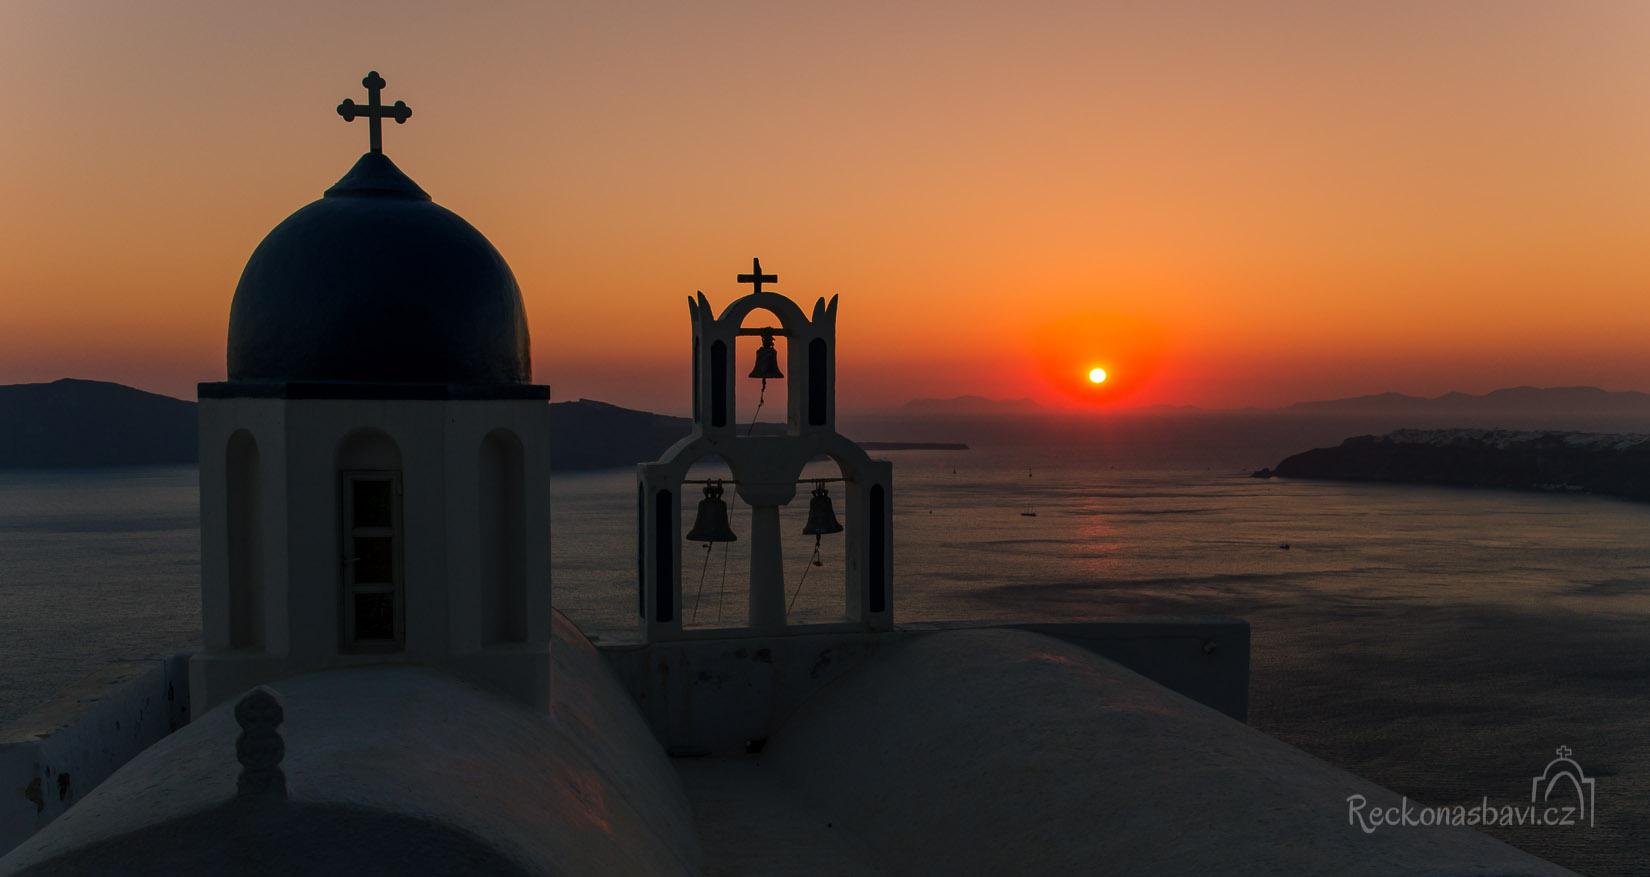 Panaghia Theokepasti je jedno z dalších míst, kde si můžete dopřát jedinečný západ slunce. Vpravo Oia, vlevo ostrov Therasia.